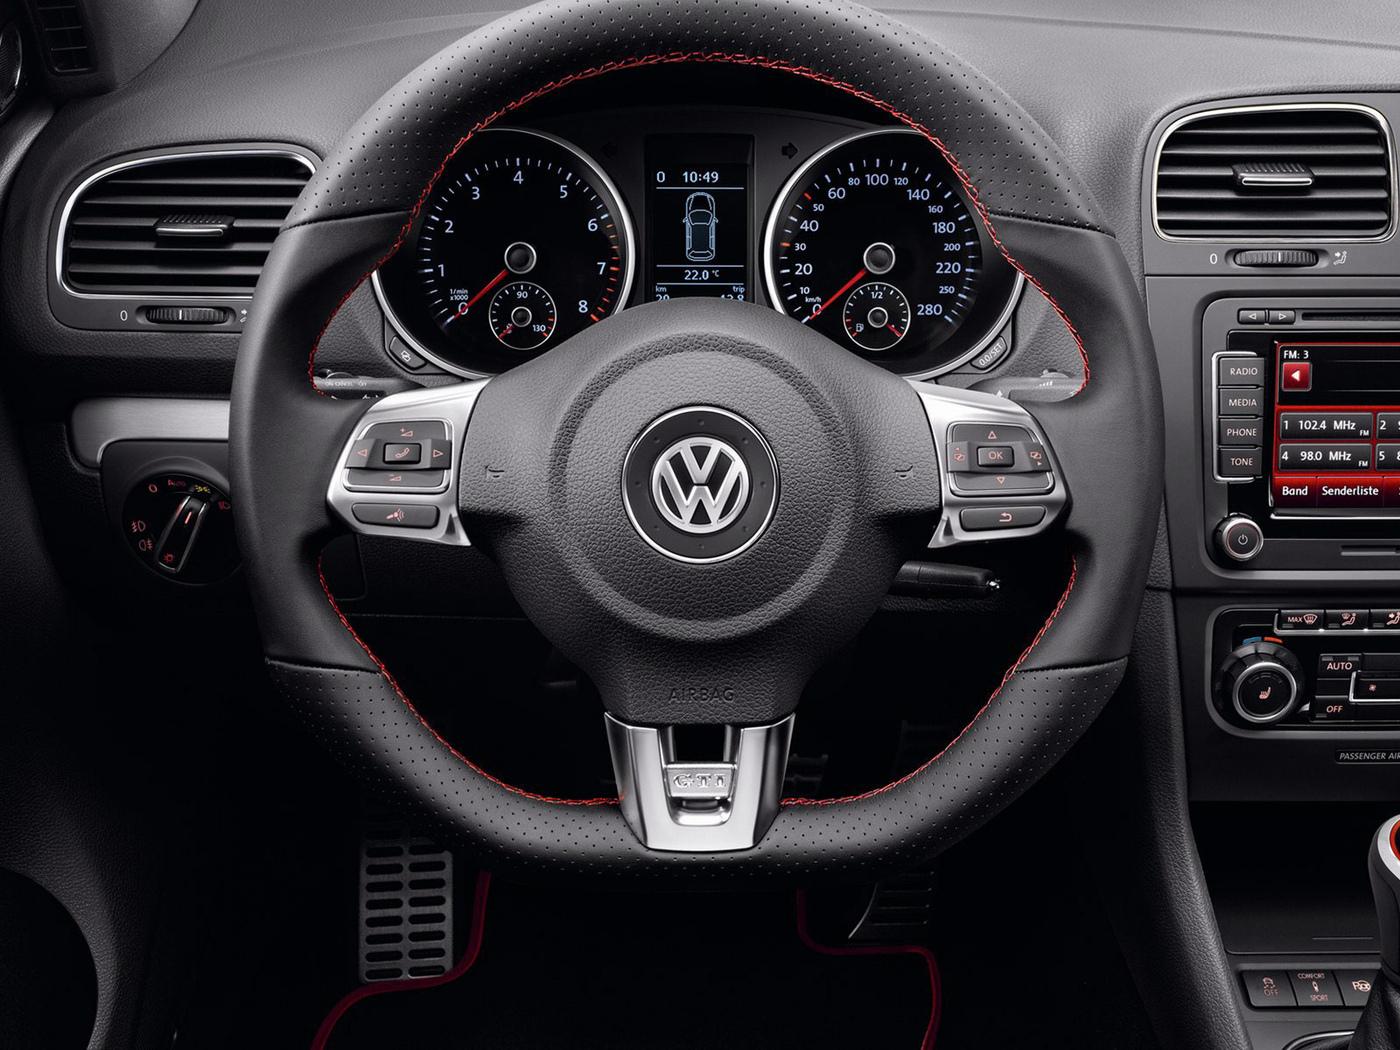 Стоит ли устанавливать кнопки управления на рулевое колесо VW Golf 6?